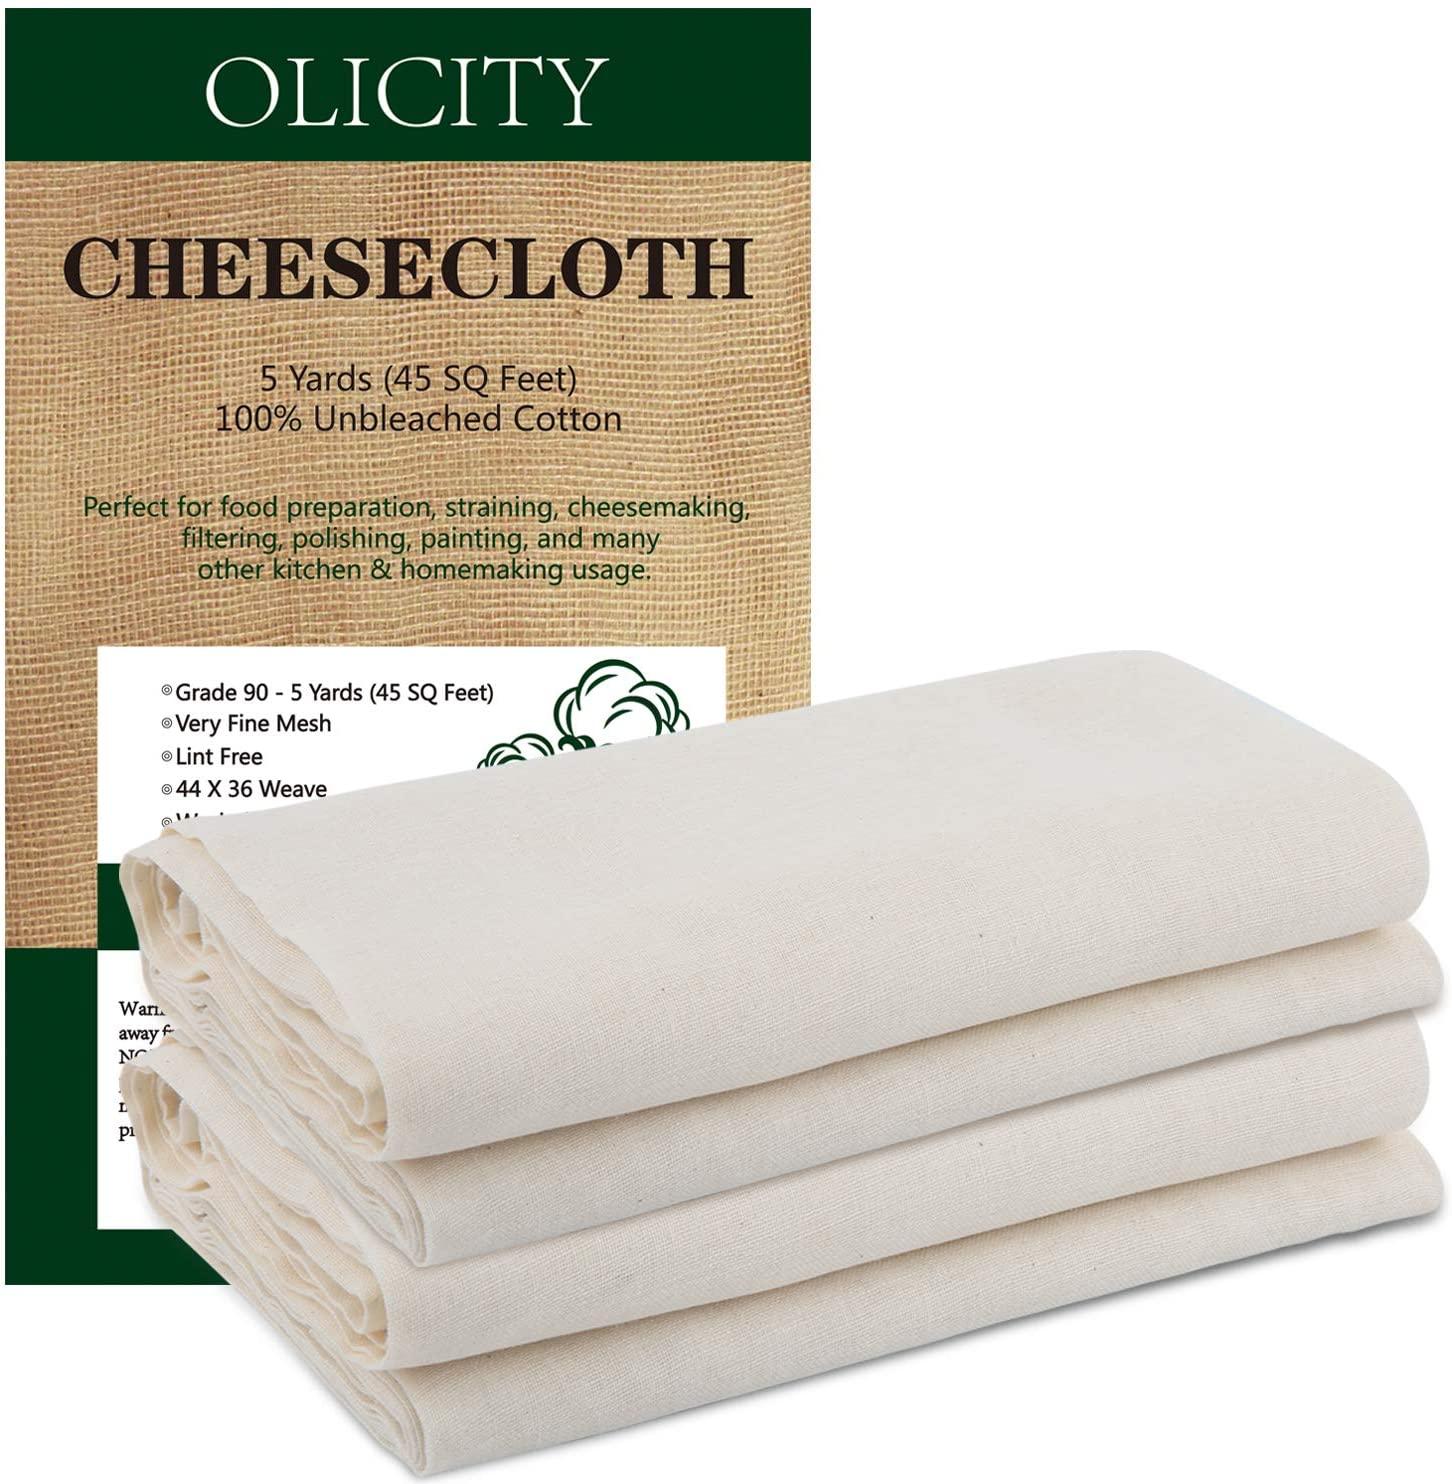 未漂白100%棉布,用于烹饪的超细粗棉布